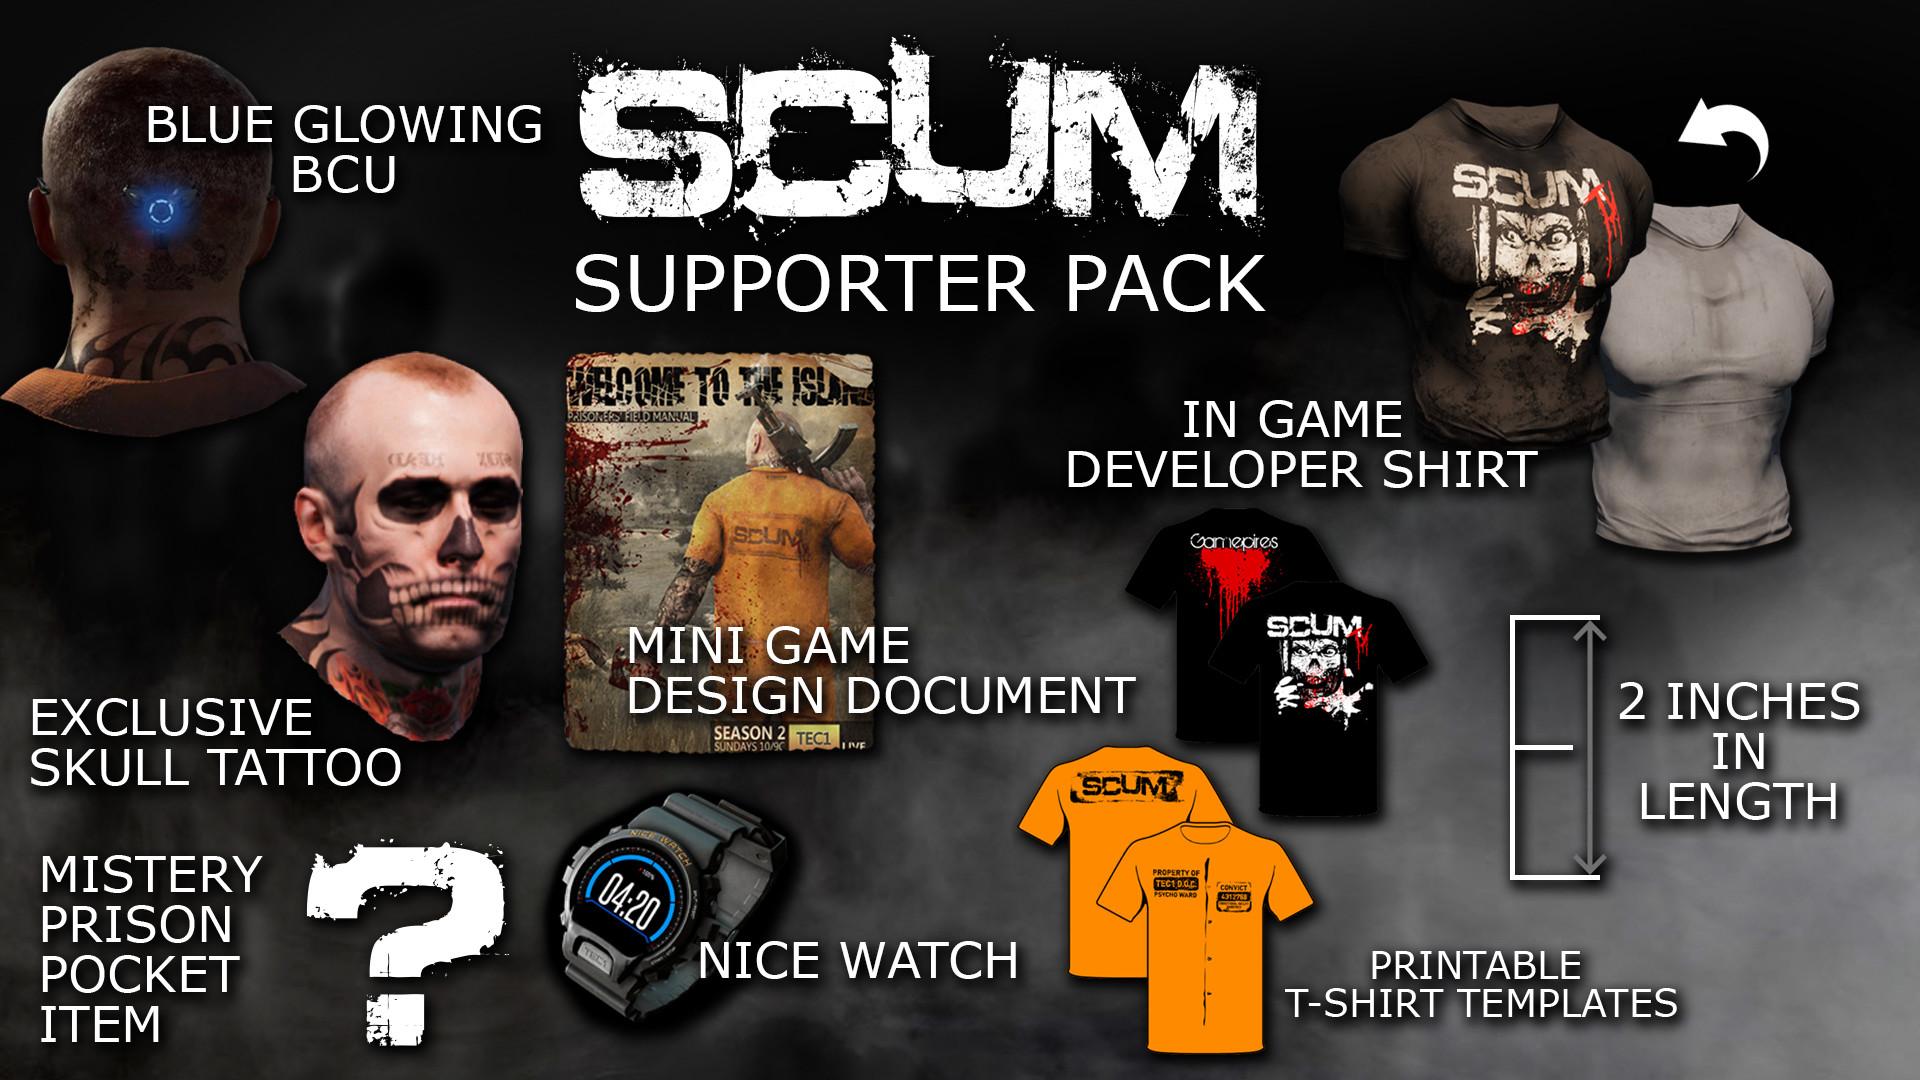 KHAiHOM.com - SCUM Supporter Pack